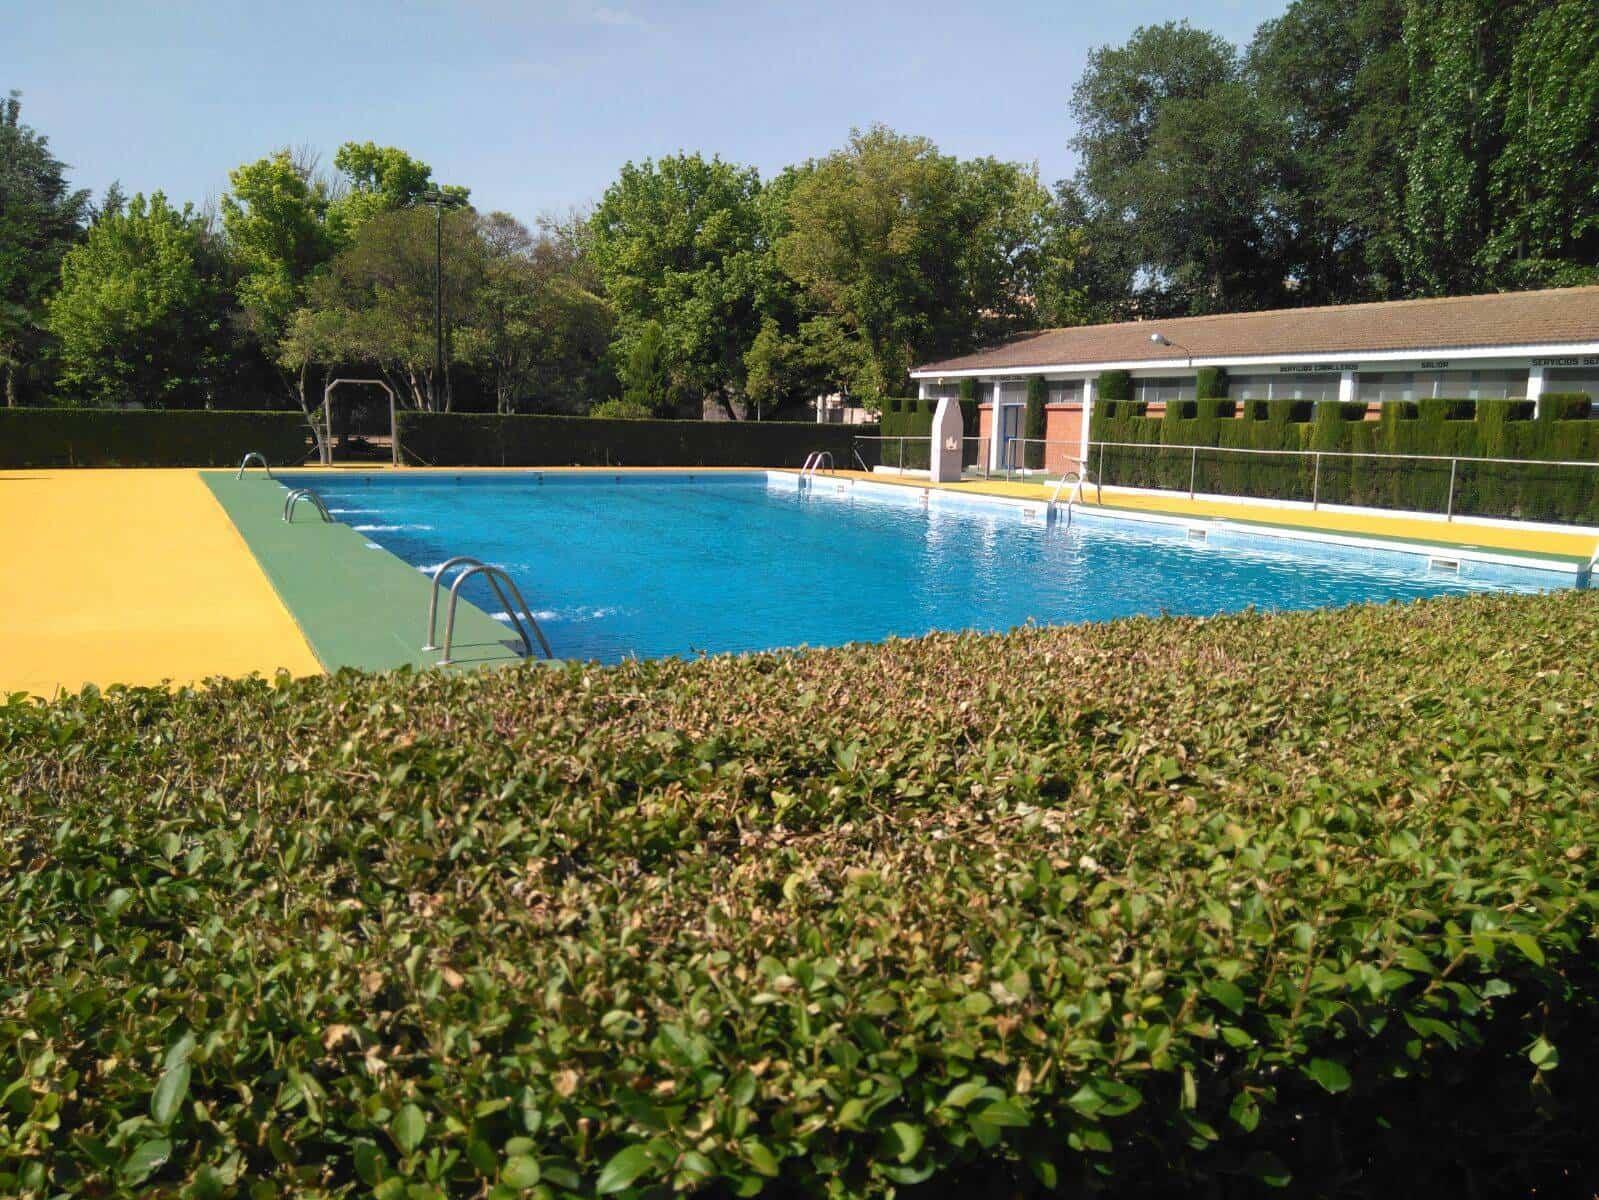 Abierta la piscina municipal en plena ola de calor for Piscina municipal